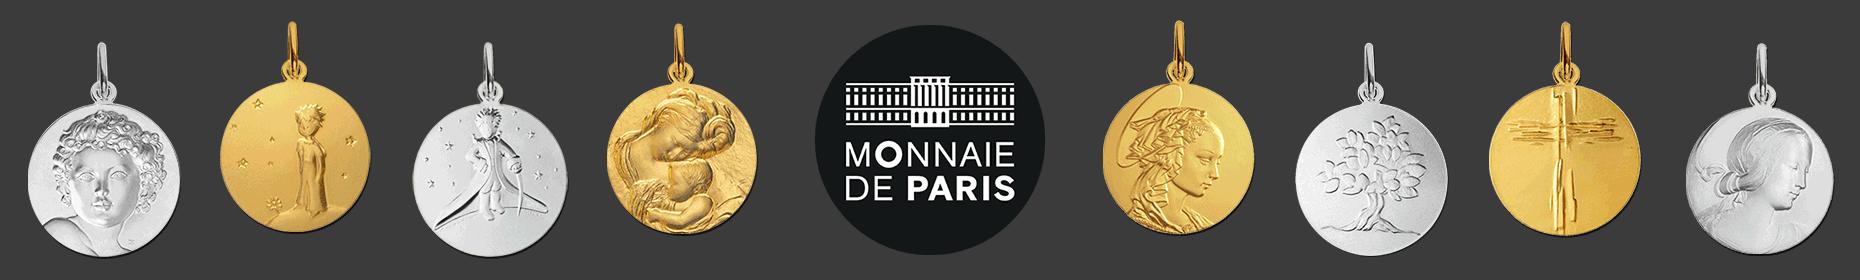 Medailles Monnaie de Paris